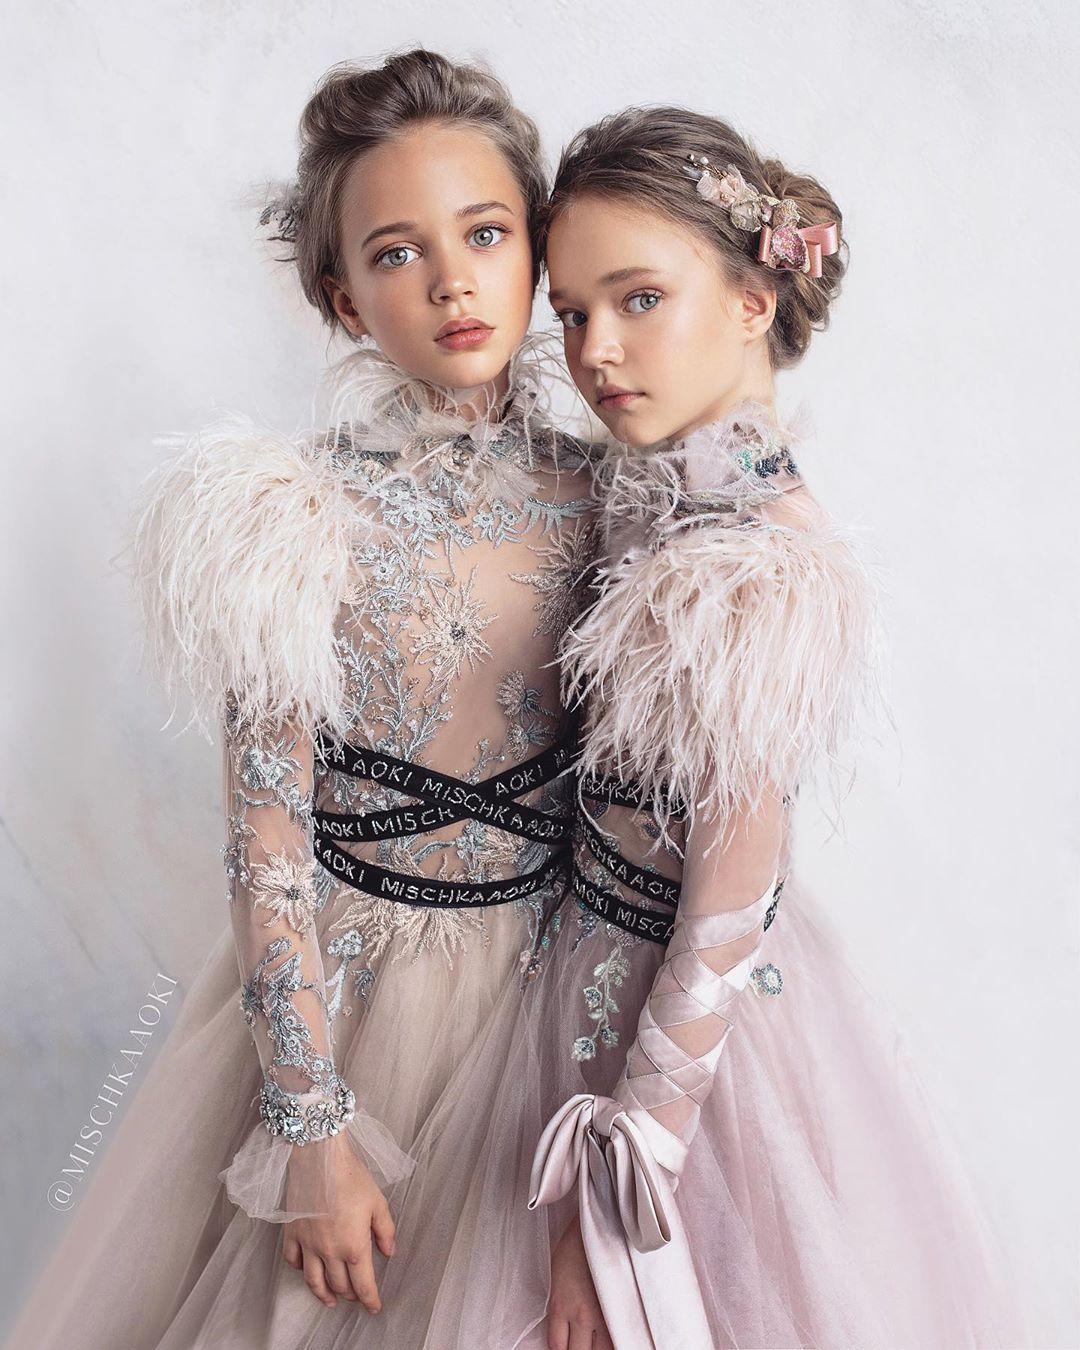 Одна из самых красивых девочек-моделей в мире красноярка Алиса Самсонова